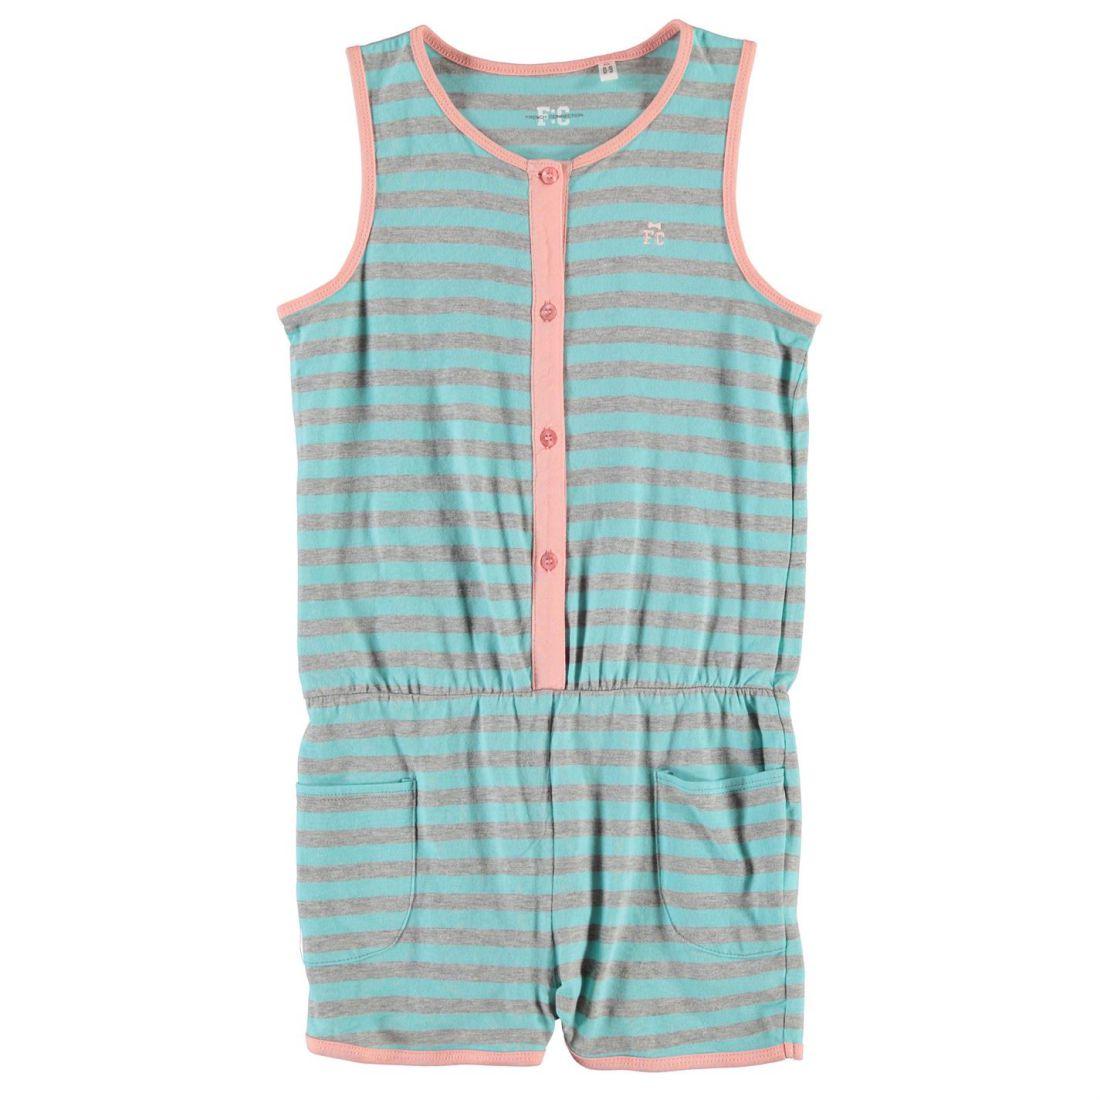 e3d89397433d French Connection Kids Stripe Playsuit Junior Girl Cotton Jumpsuit ...